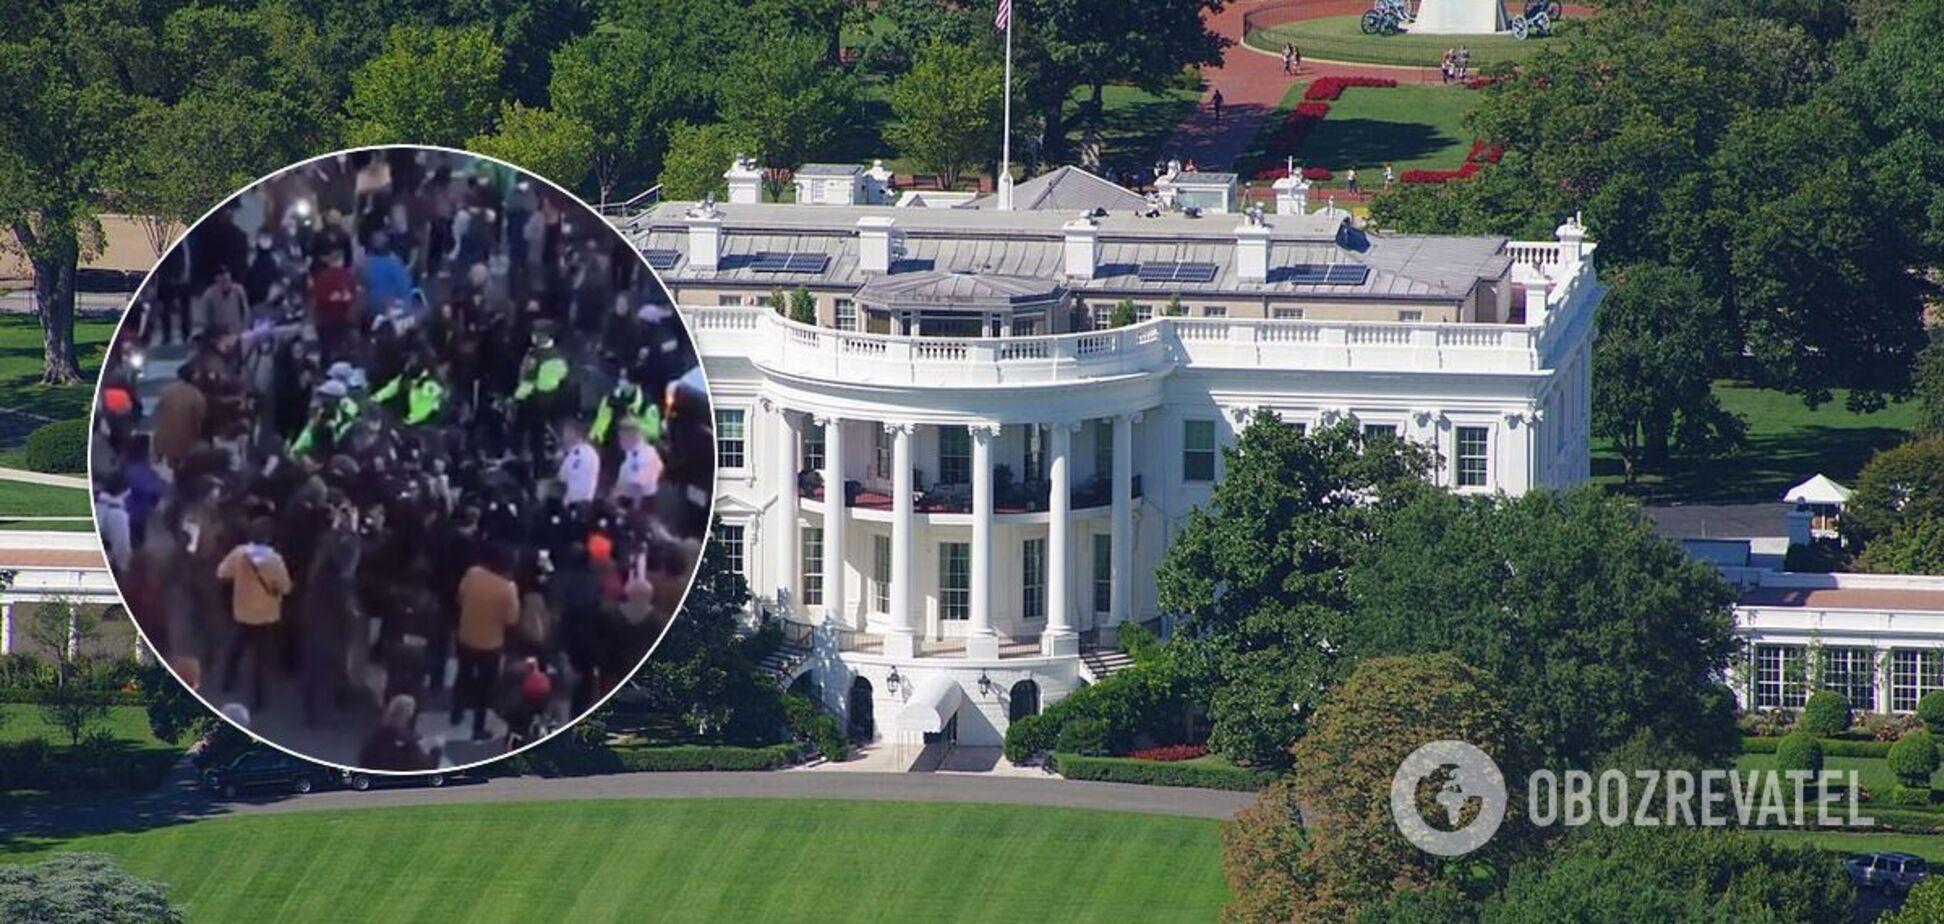 Біля Білого дому в США сталися сутички, є затриманий. Фото та відео